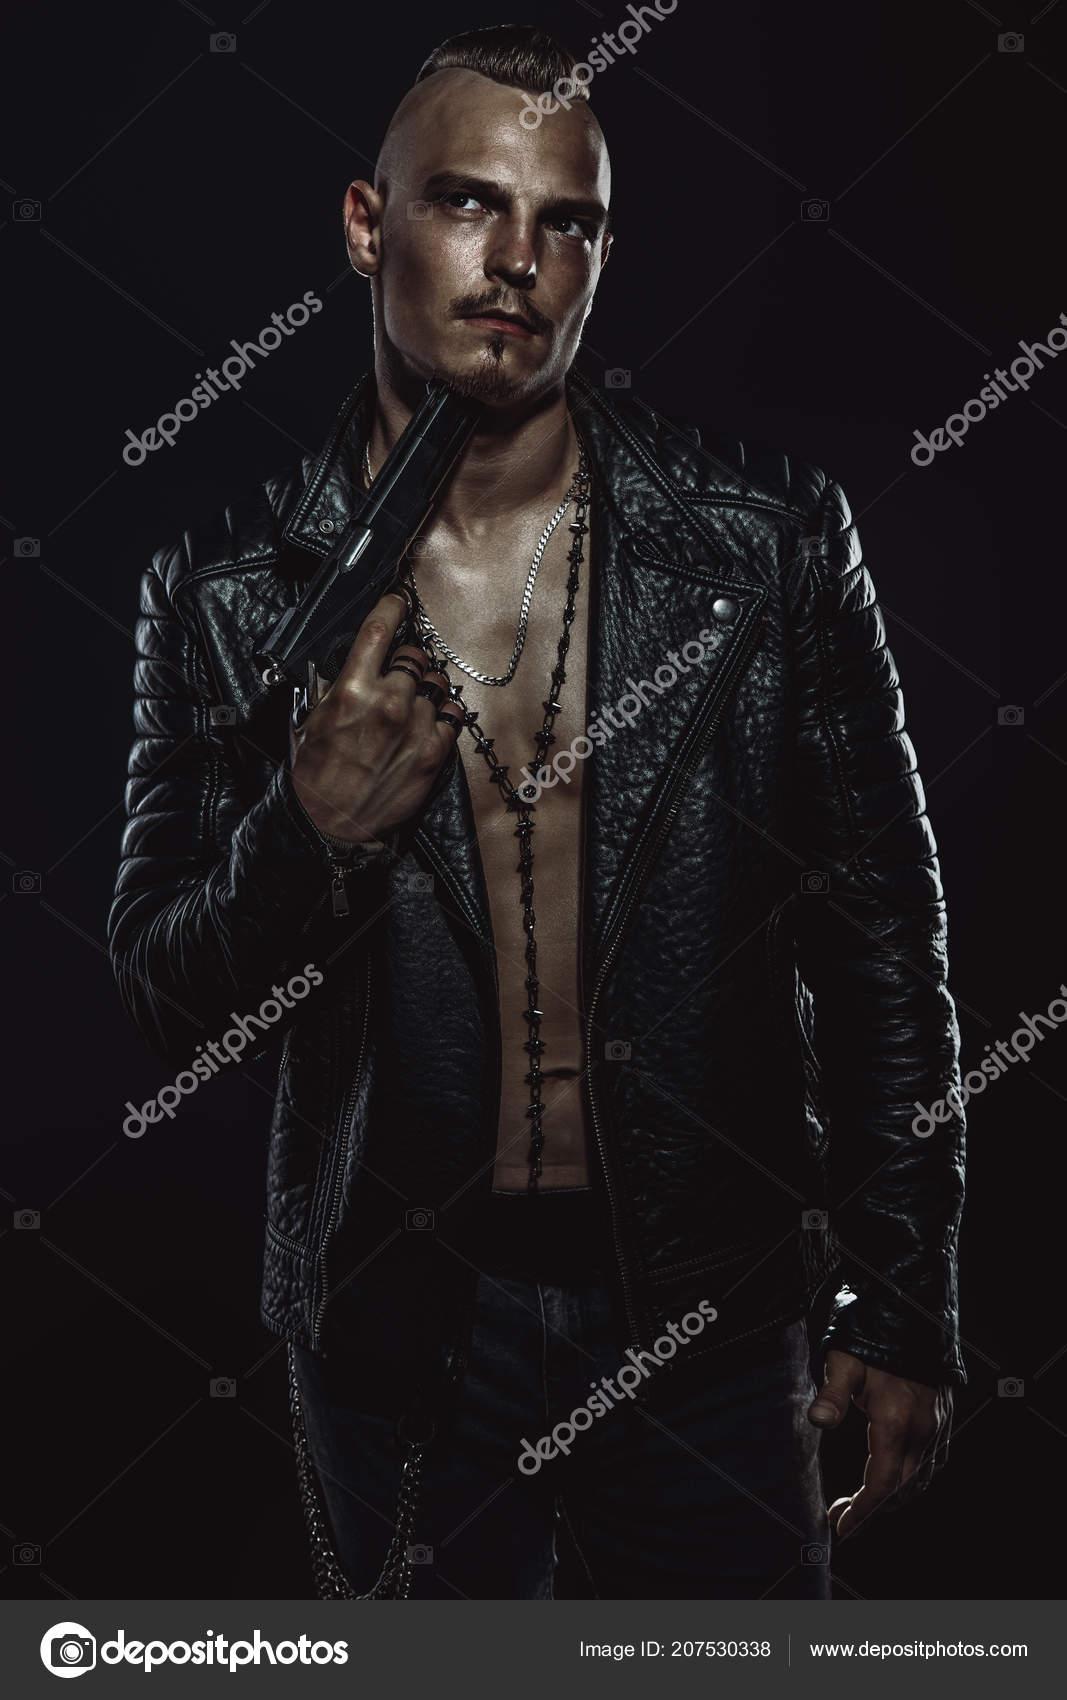 Des Une Noir Armes Porter Portrait Homme Feu Veste Cuir fYwnpW